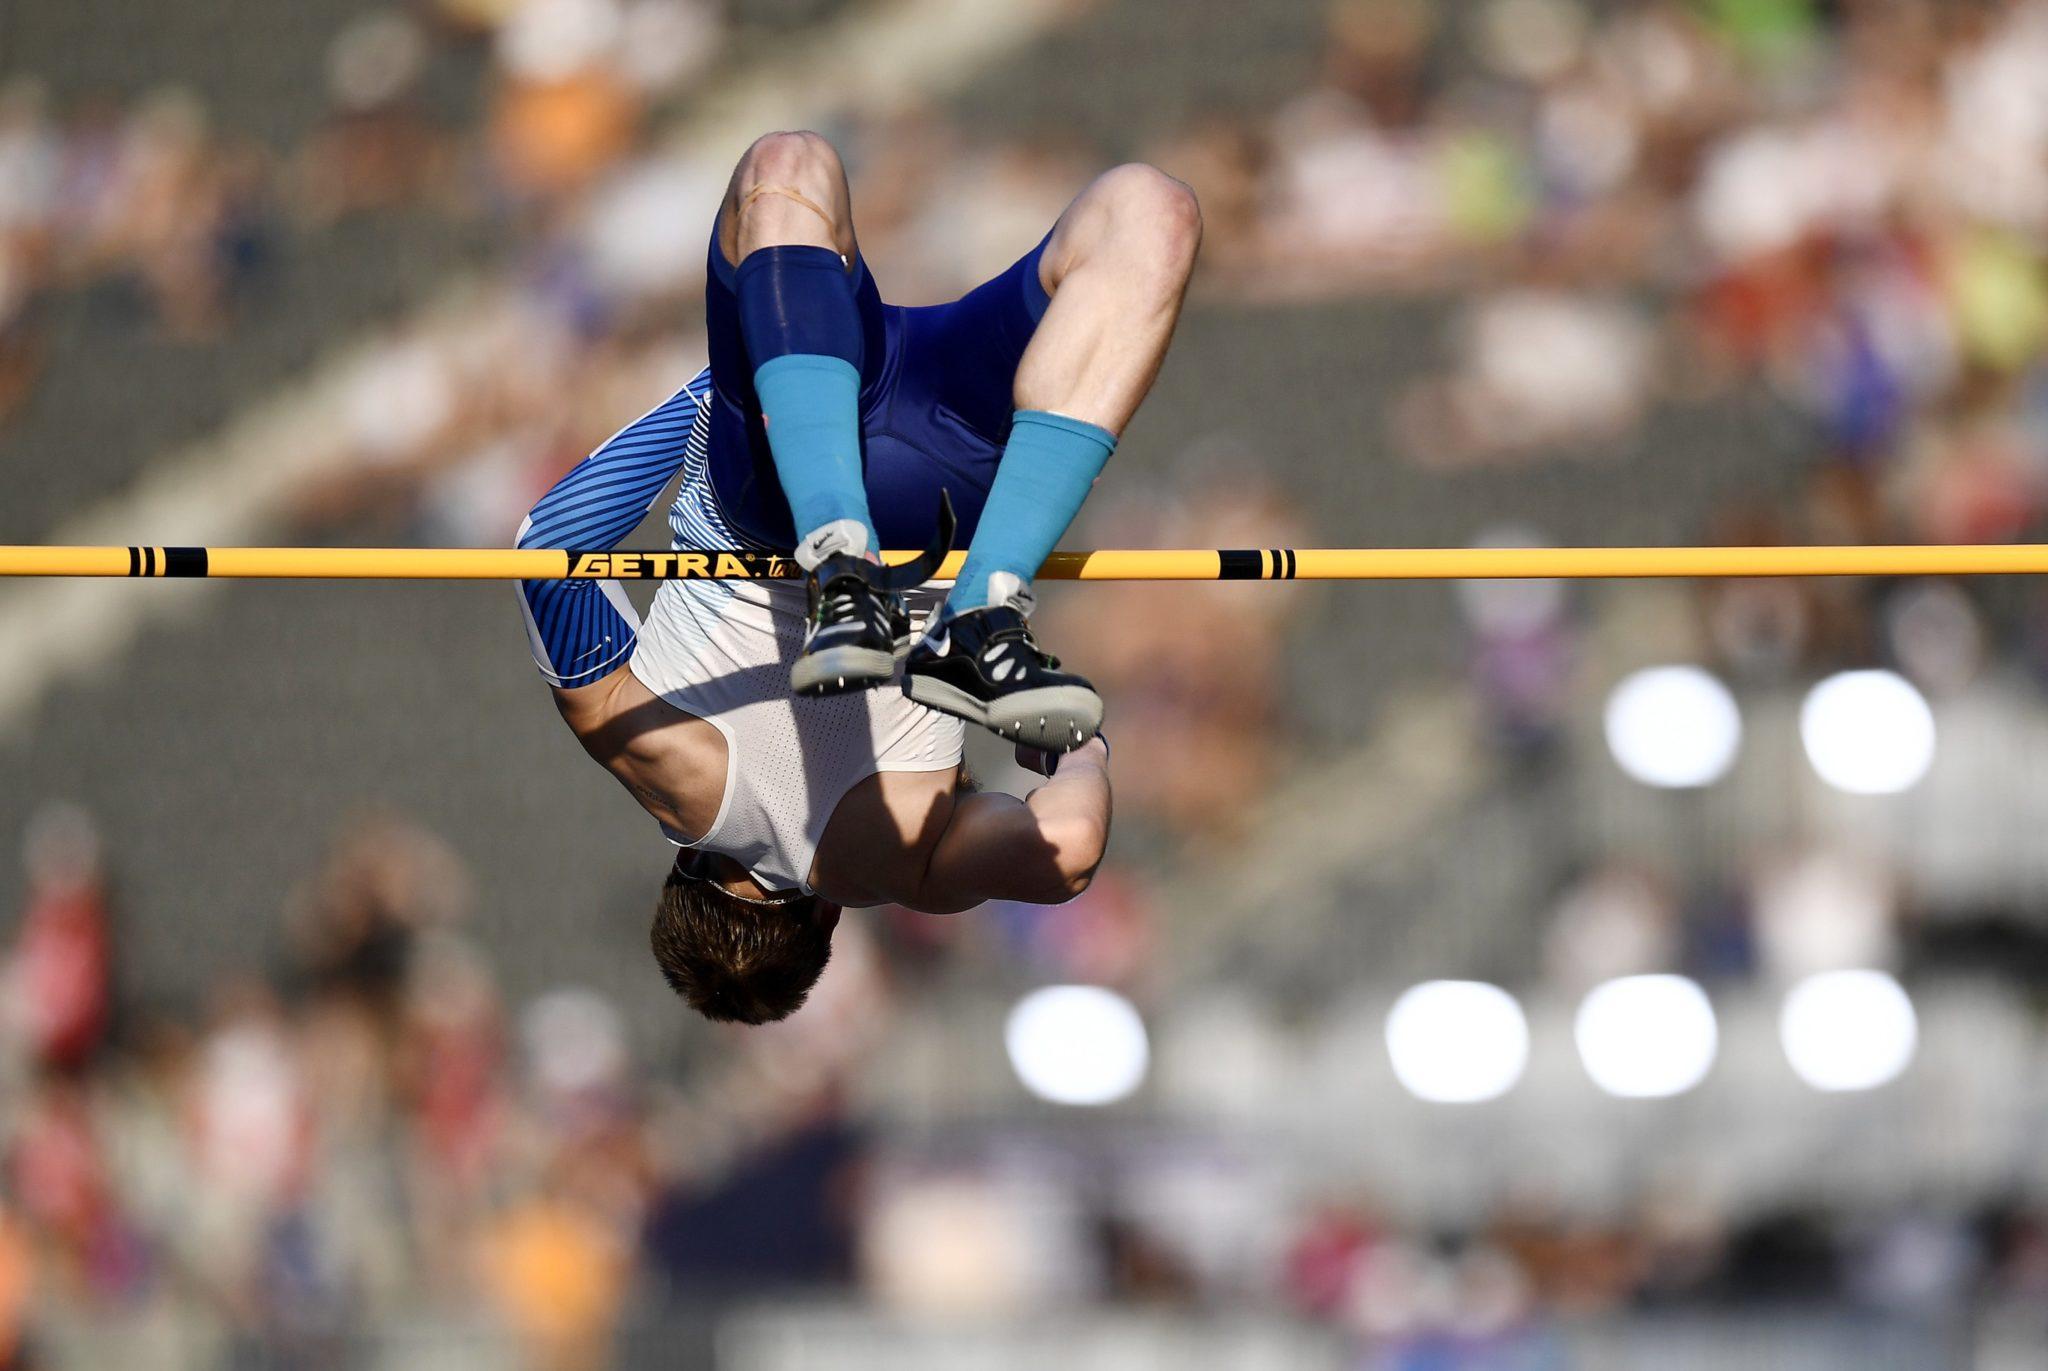 Tim Duckworth z Wielkiej Brytanii w zawodach skoku wzwyż podczas Mistrzostw Europy w Lekkiej Atletyce w Berlinie, fot. Filip Singer, PAP/EPA